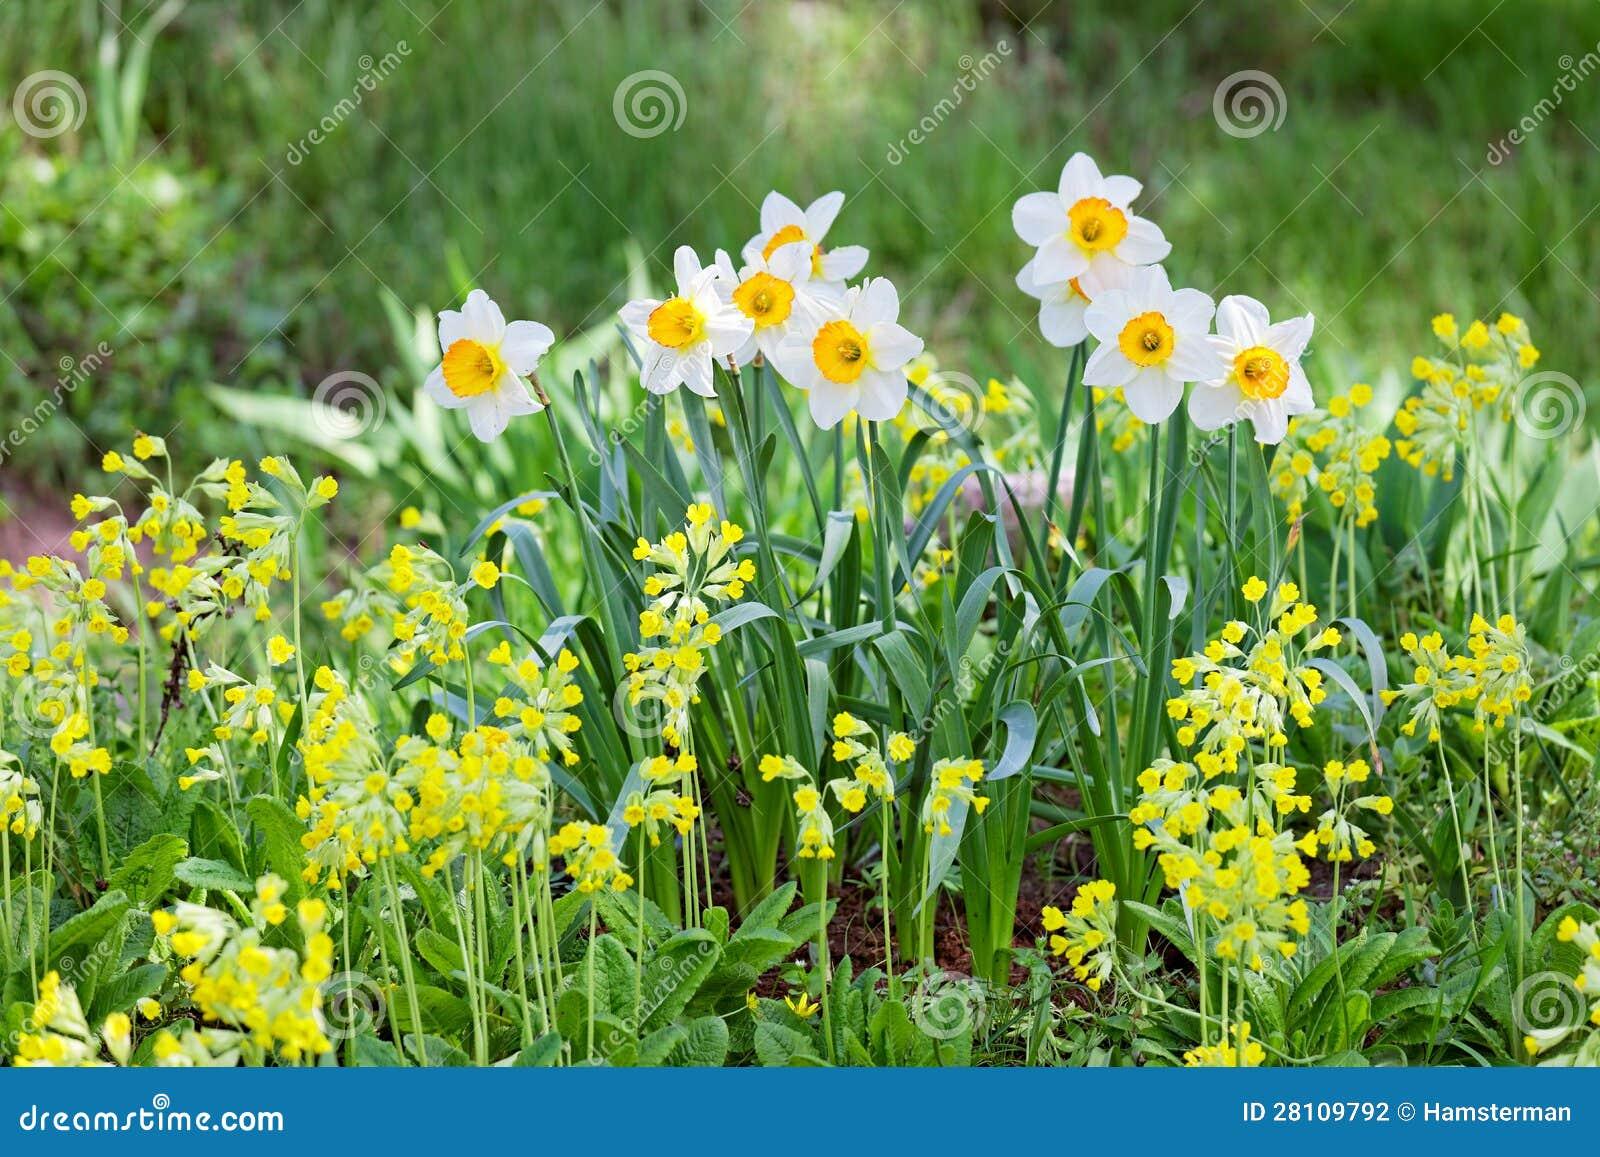 Narciso bianco e giallo fotografia stock immagine 28109792 for Narciso giallo